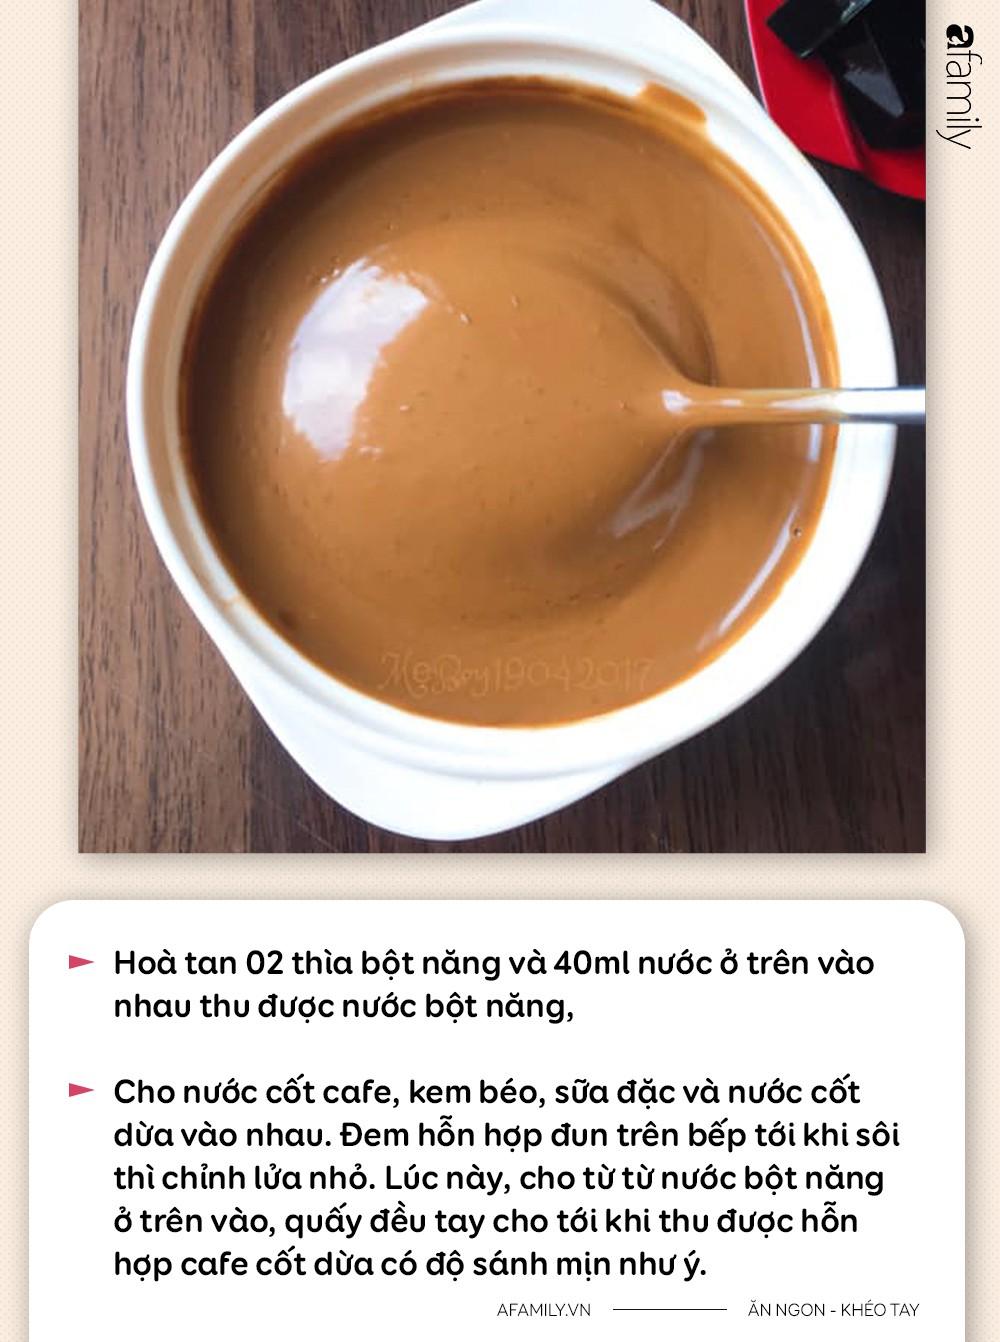 Hội chị em đang phát cuồng vì món cafe cốt dừa - bạn đã update chưa? - Ảnh 2